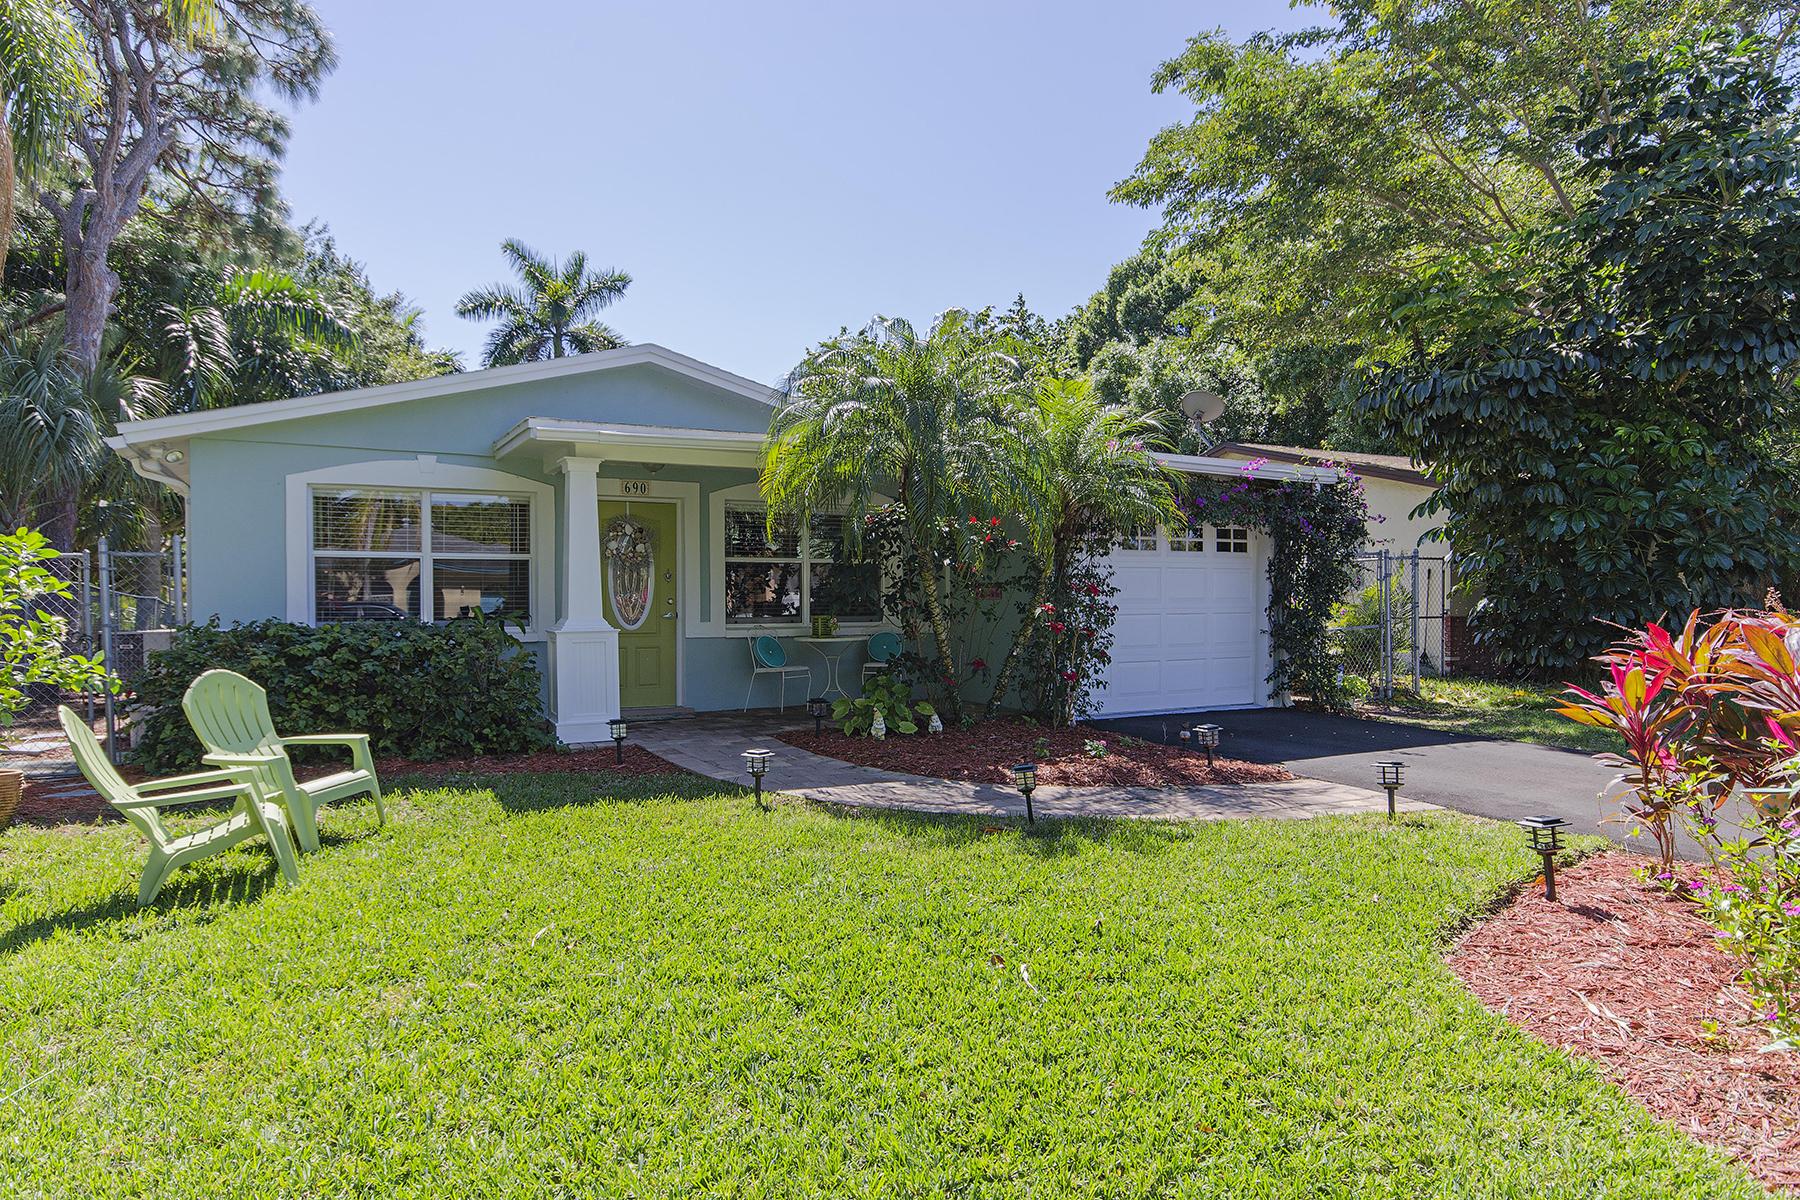 獨棟家庭住宅 為 出售 在 690 101st Ave N, Naples, FL 34108 690 101st Ave N Naples, 佛羅里達州, 34108 美國